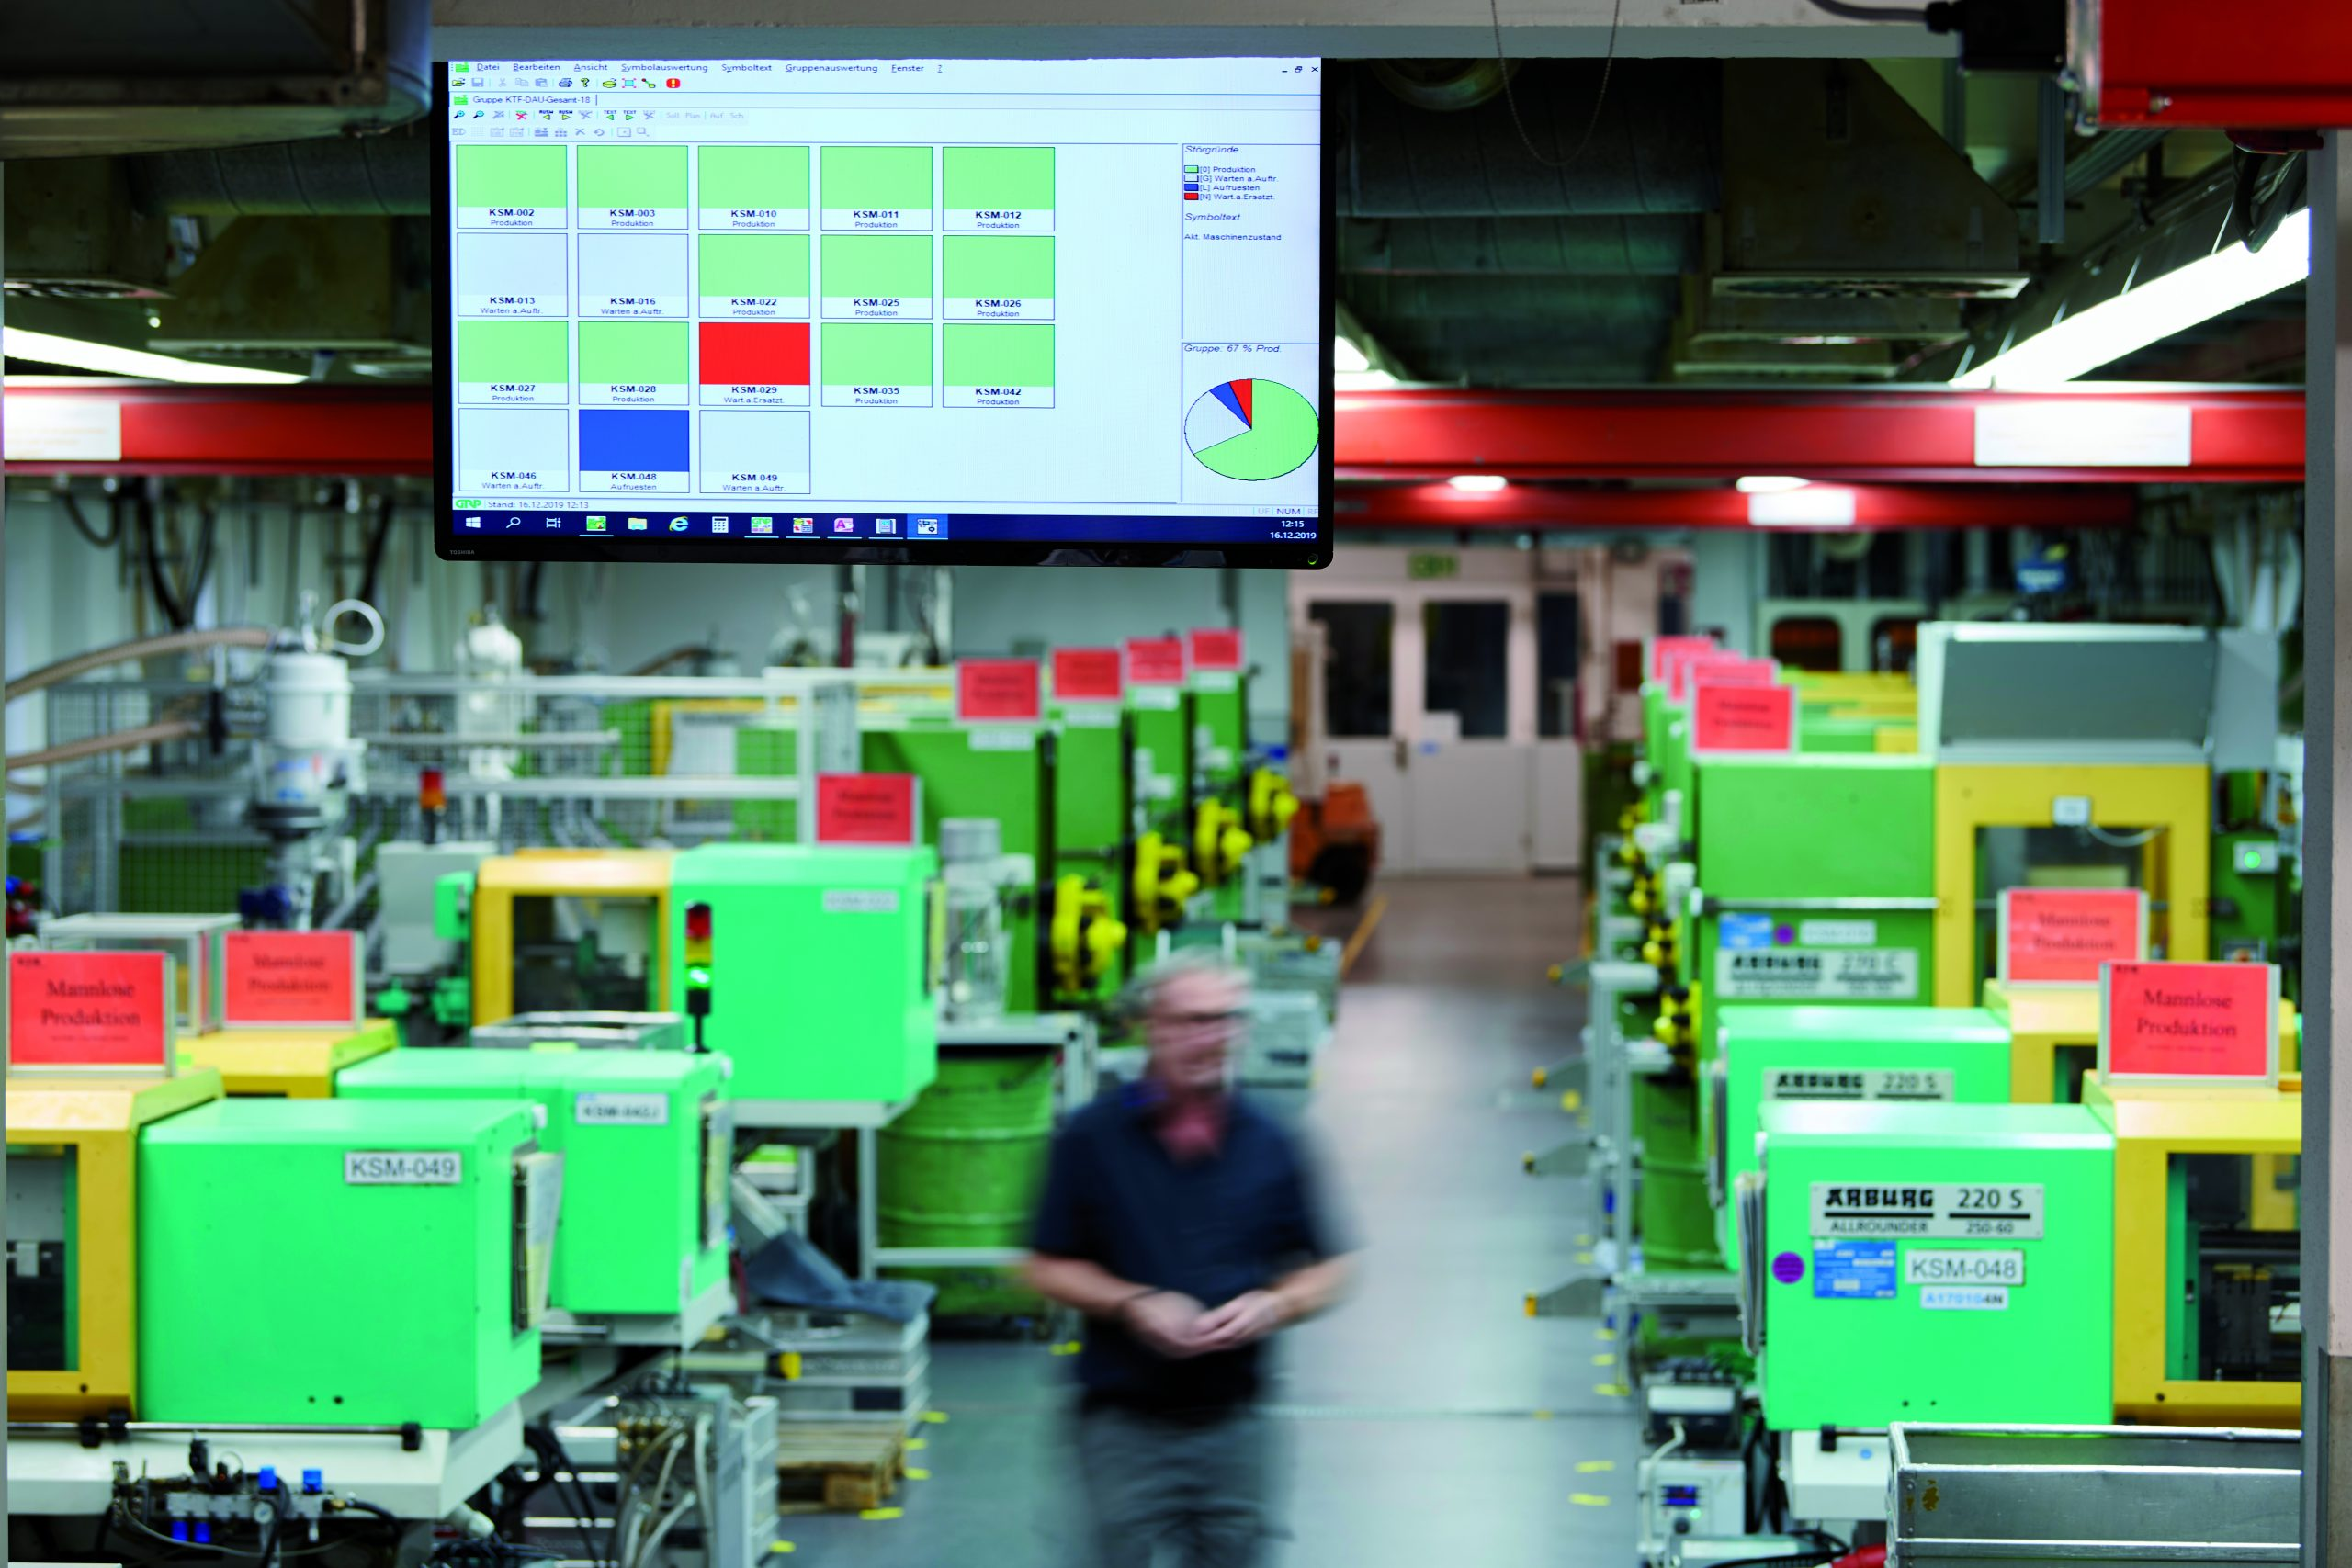 In beiden Werken befinden sich überall dort Terminals, wo Daten eingegeben oder sie aktuell benötigt werden. (Bild: Werksfotos GRP GmbH / Gerd Arnolds)